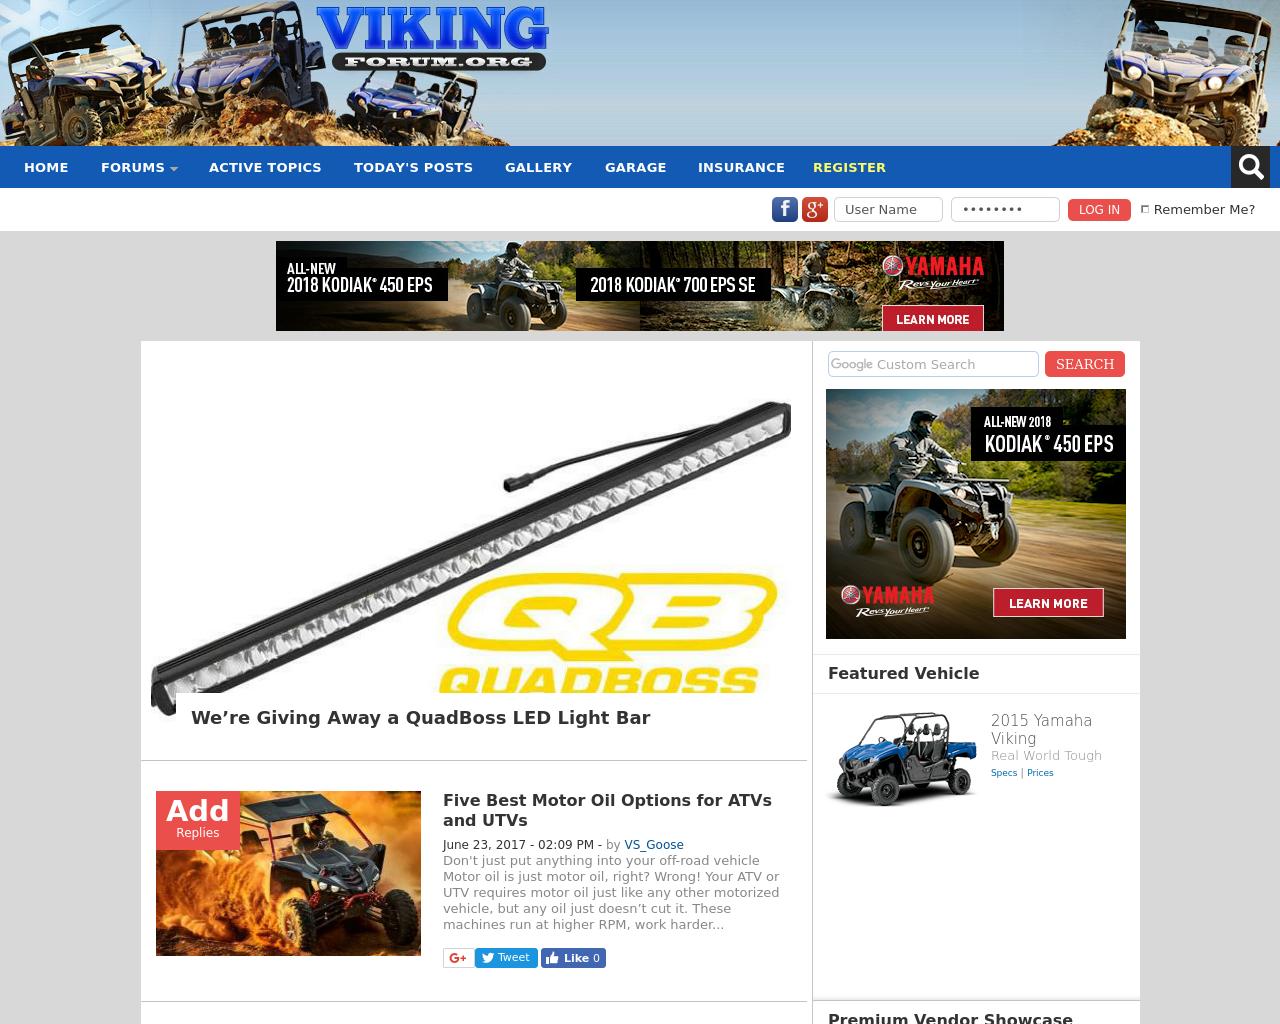 Yamaha-Viking-Forum-Advertising-Reviews-Pricing